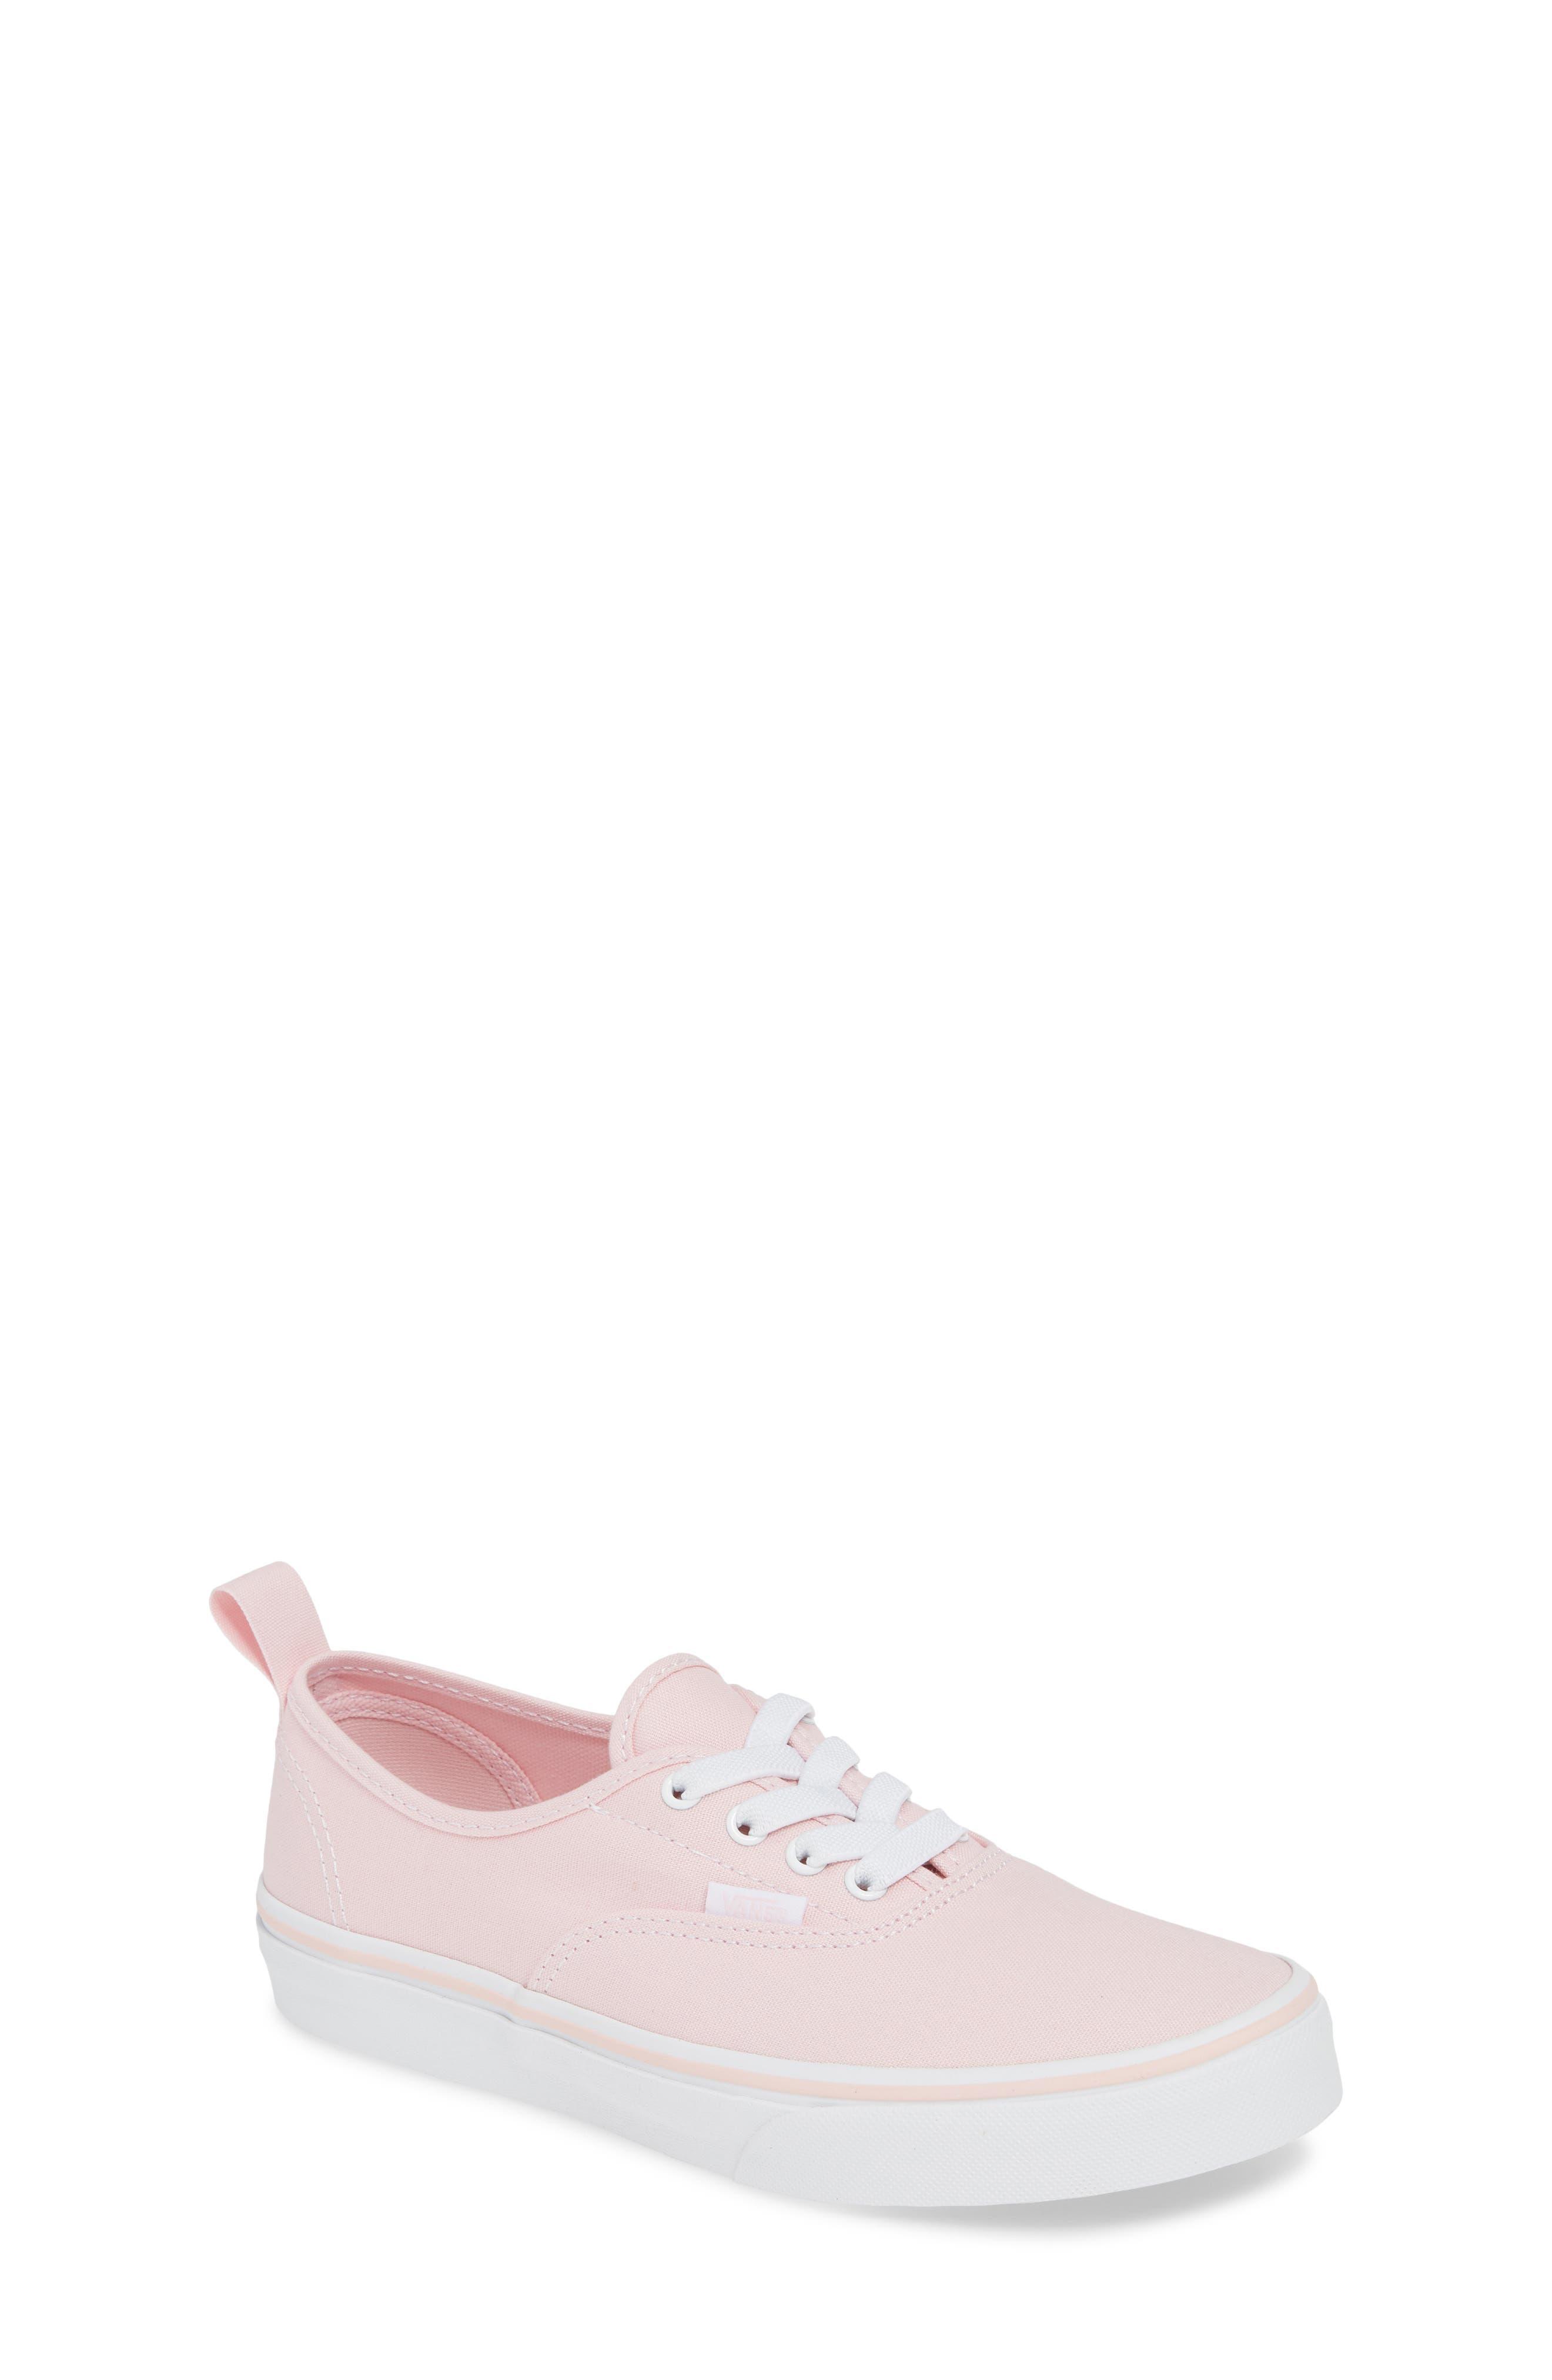 VANS Authentic Elastic Lace Sneaker, Main, color, CHALK PINK/ TRUE WHITE